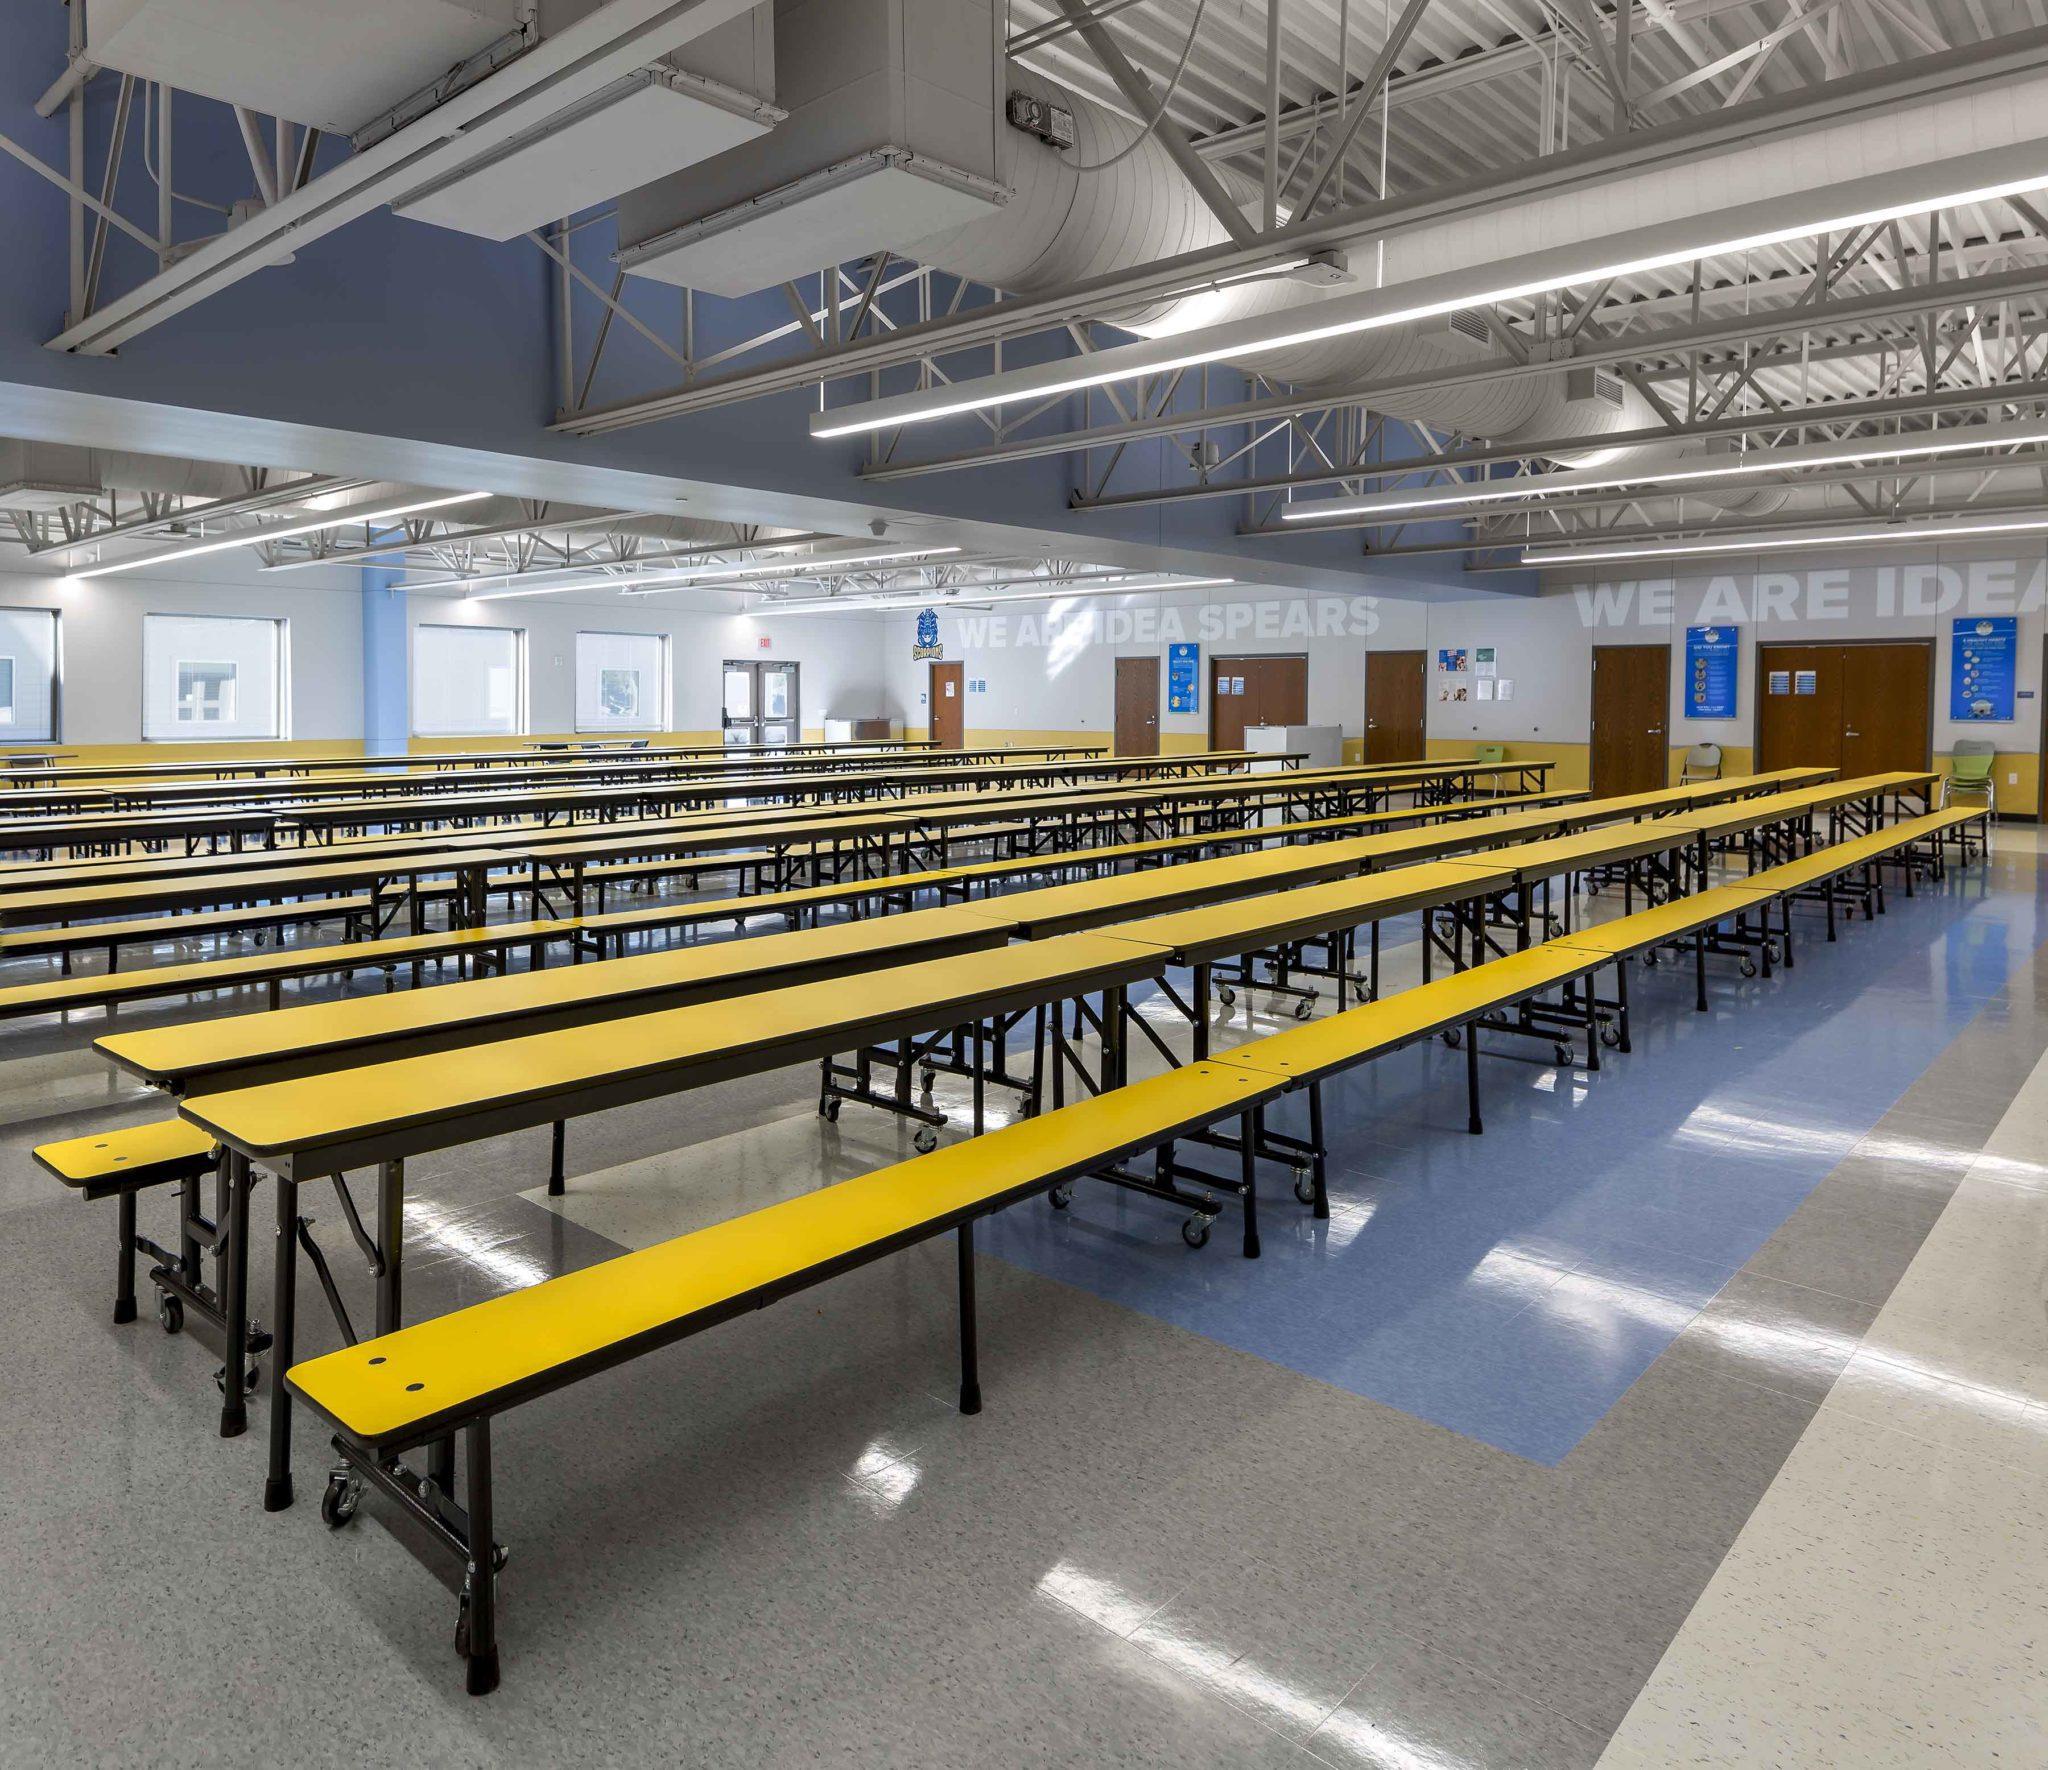 IDEA Spears, Cafeteria